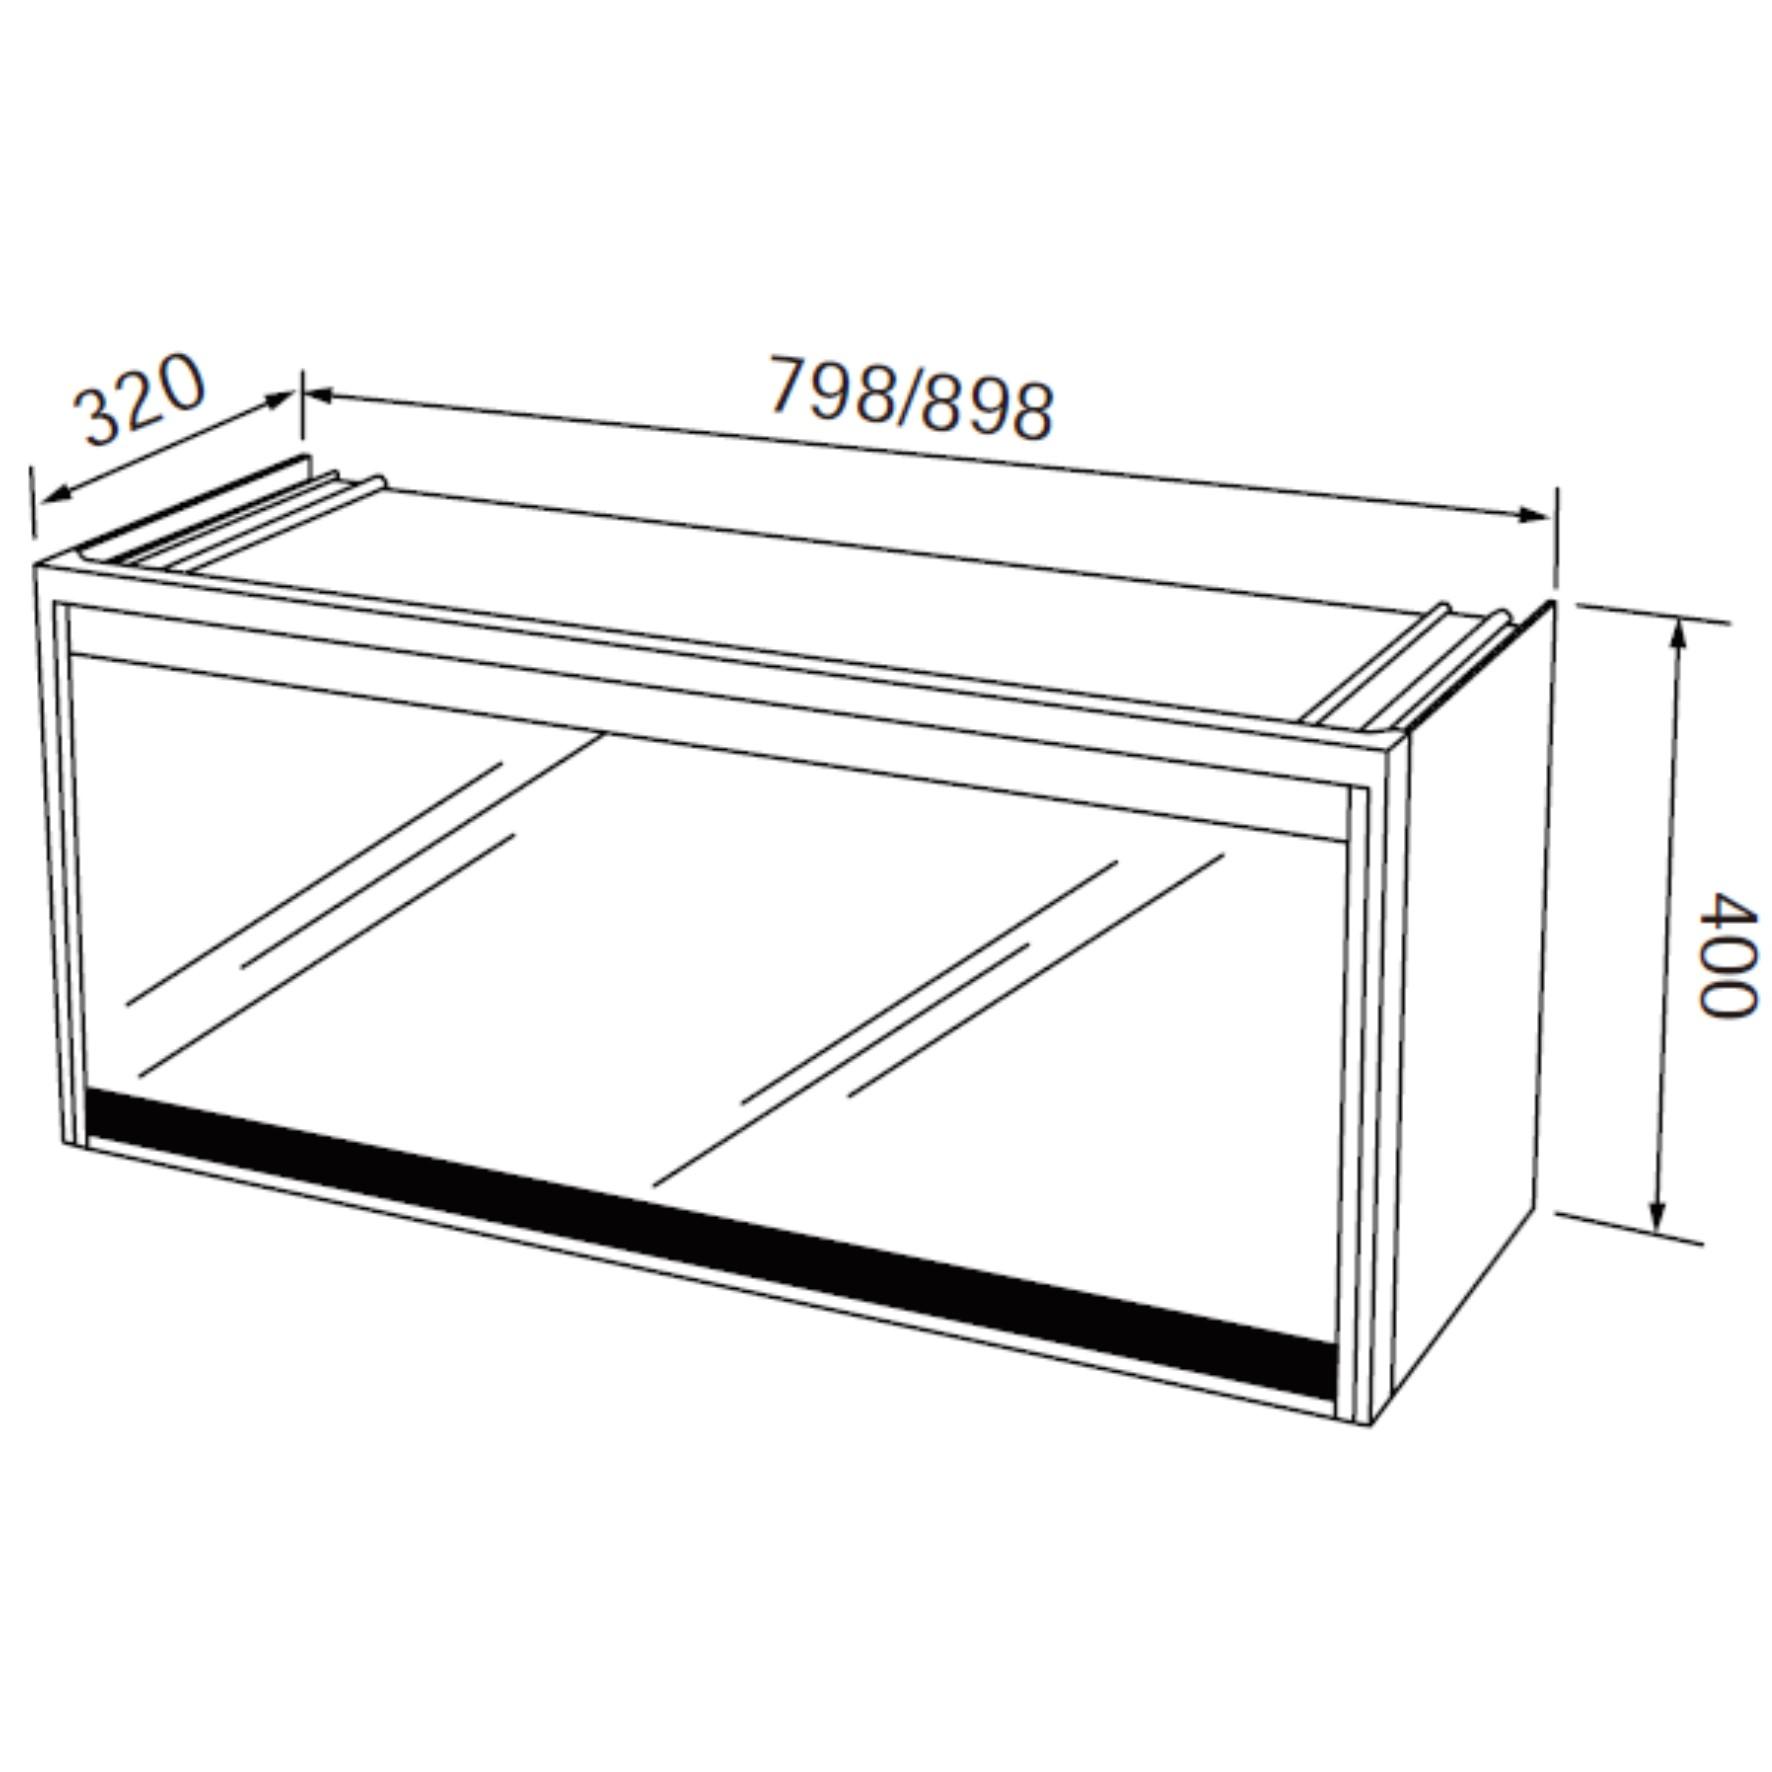 JT-3808Q/3809Q 懸掛式烘碗機-JT-3808Q/3809Q